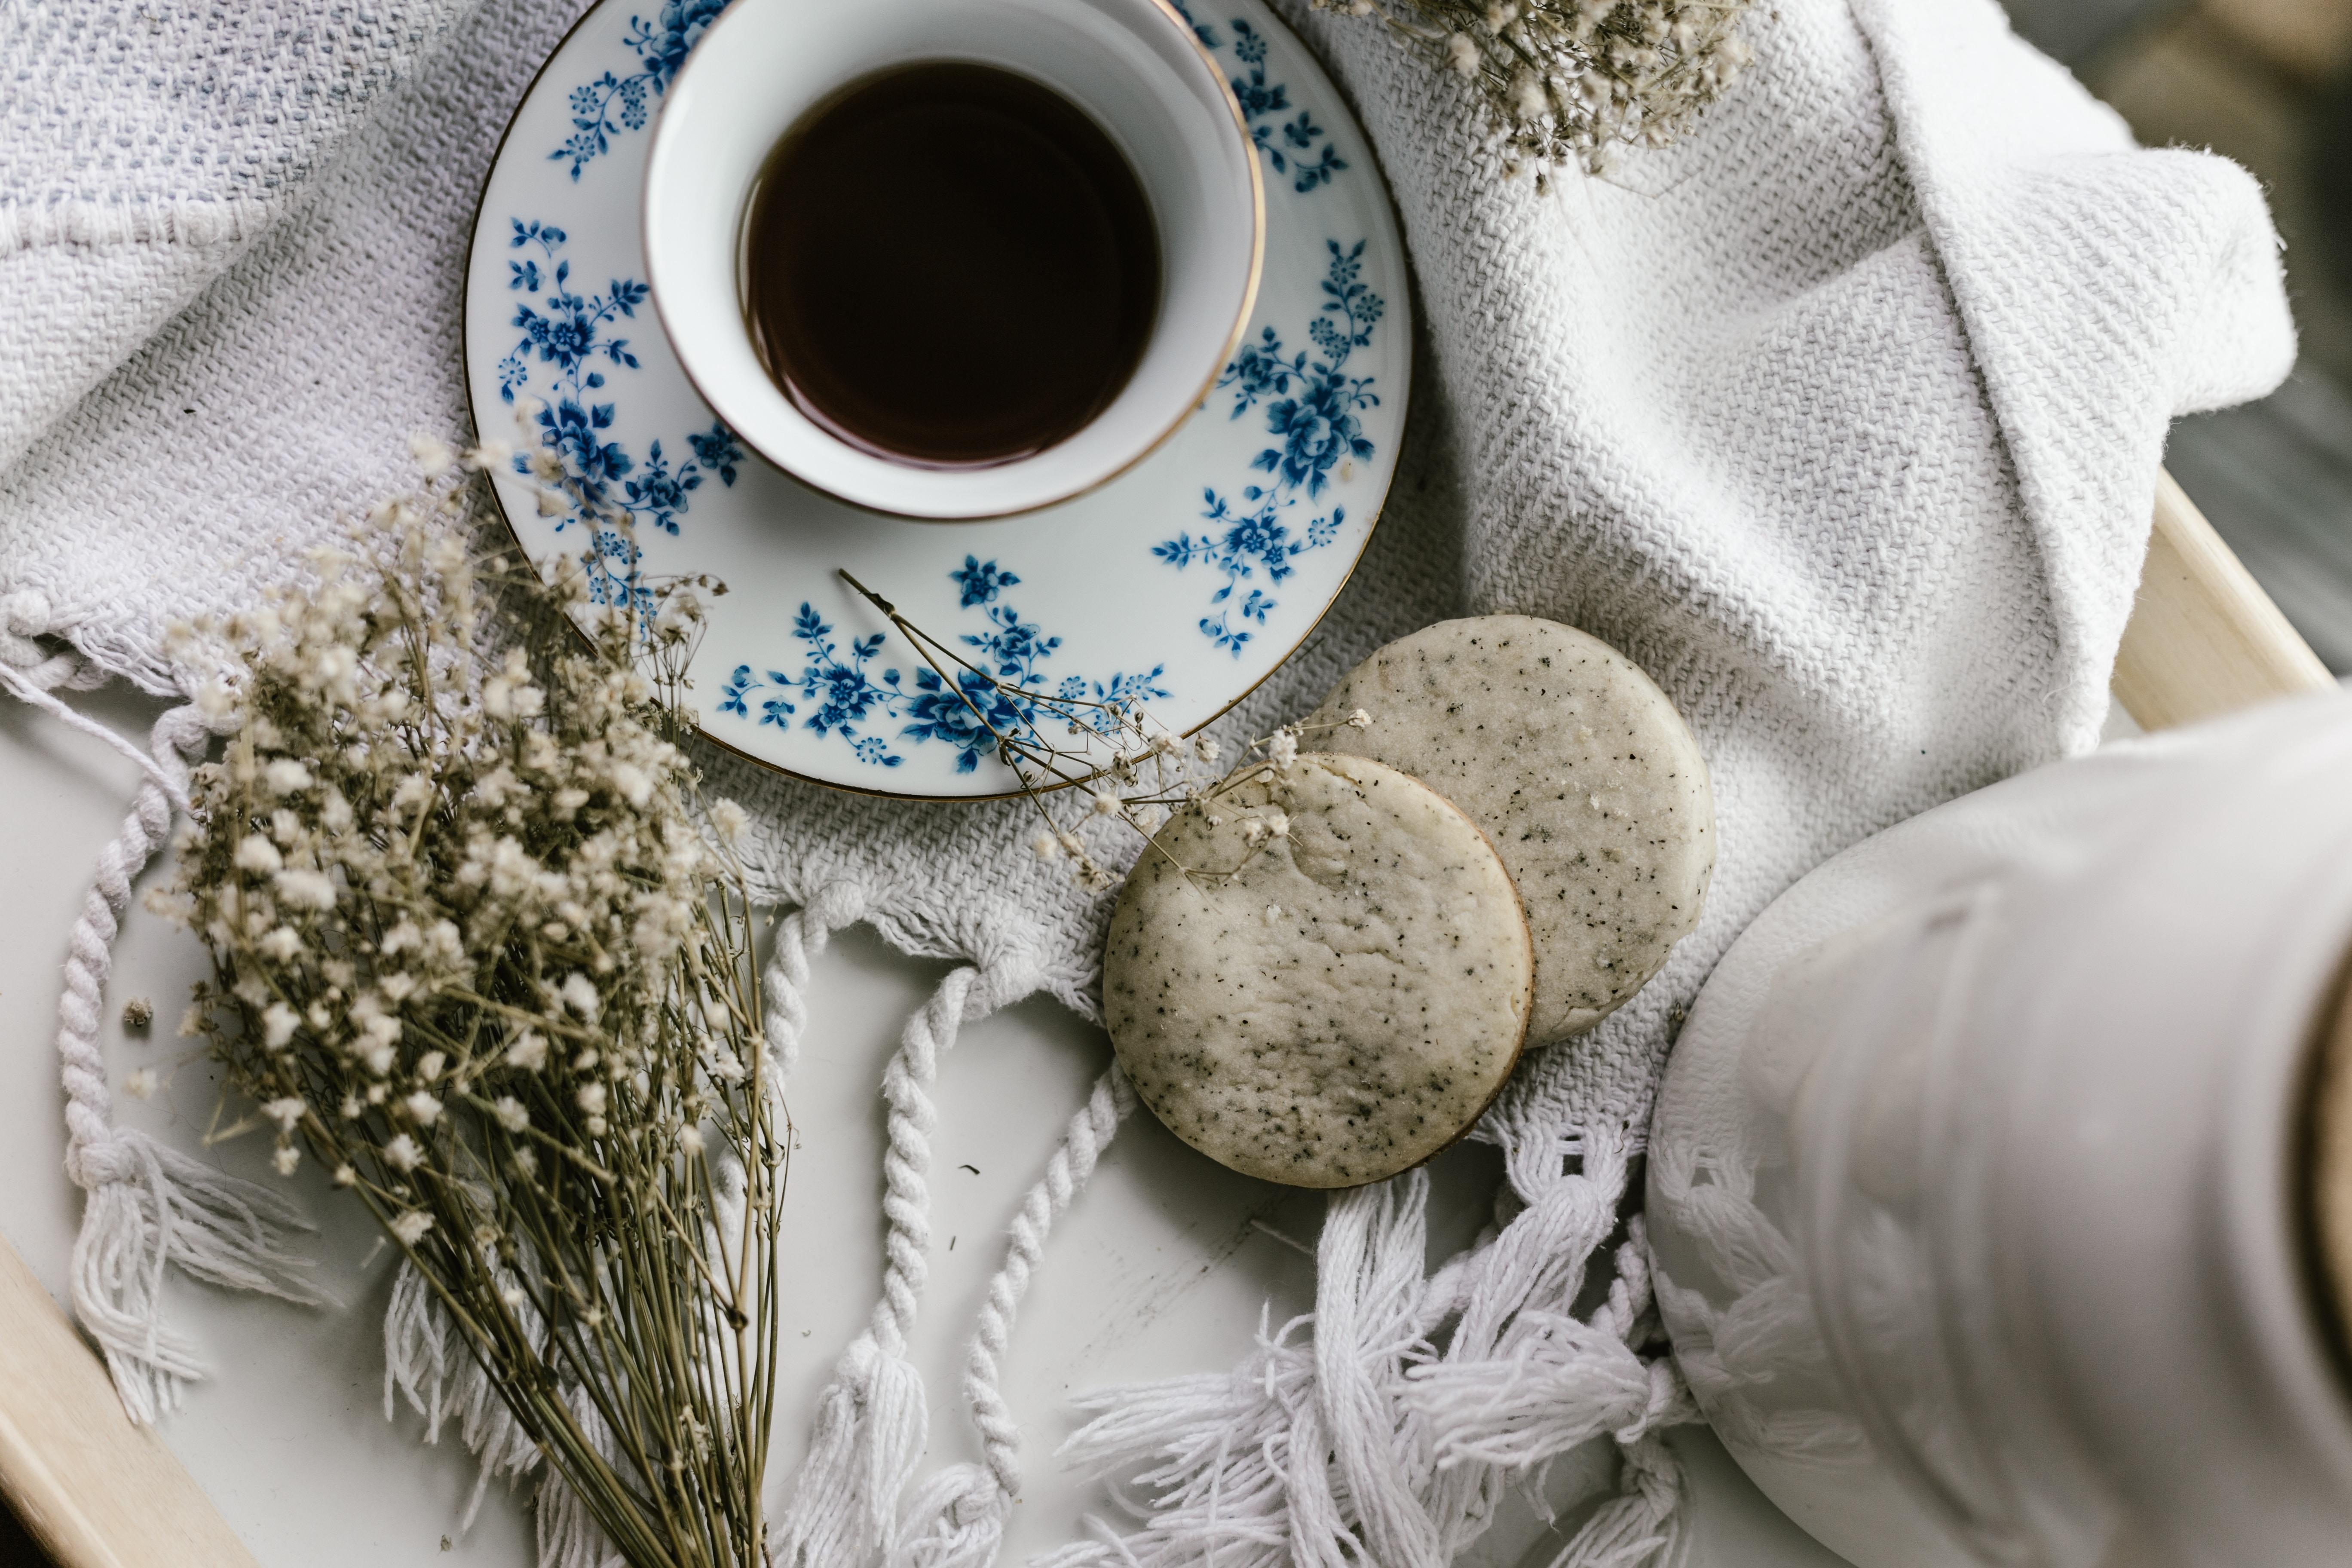 あなたは紅茶を飲む夢を見たことがありますか?